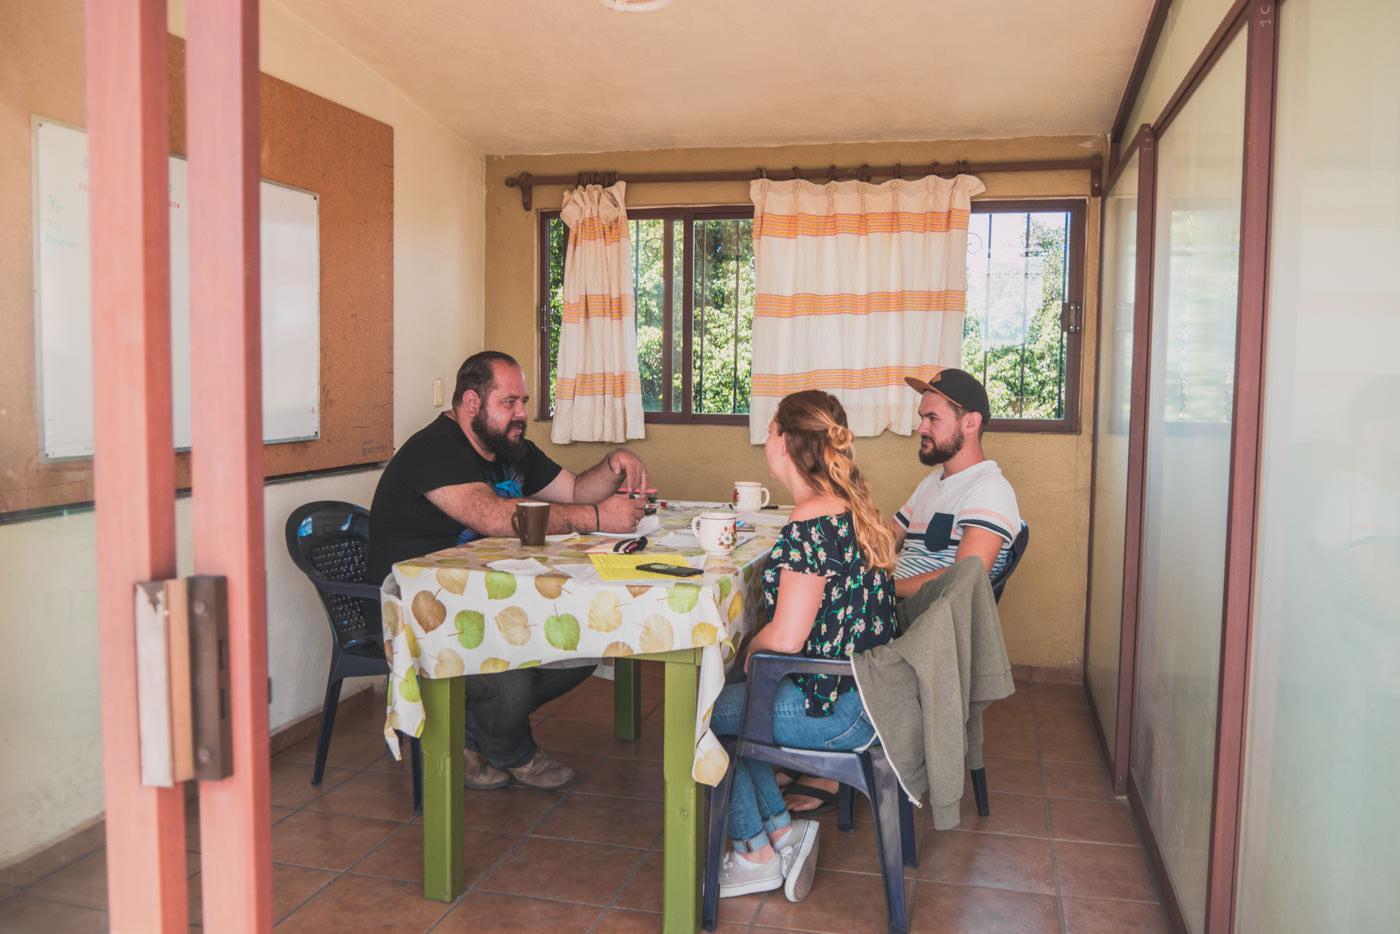 Wir beim Spanisch lernen in der Sprachschule Amigos del Sol in Oaxaca, Mexico